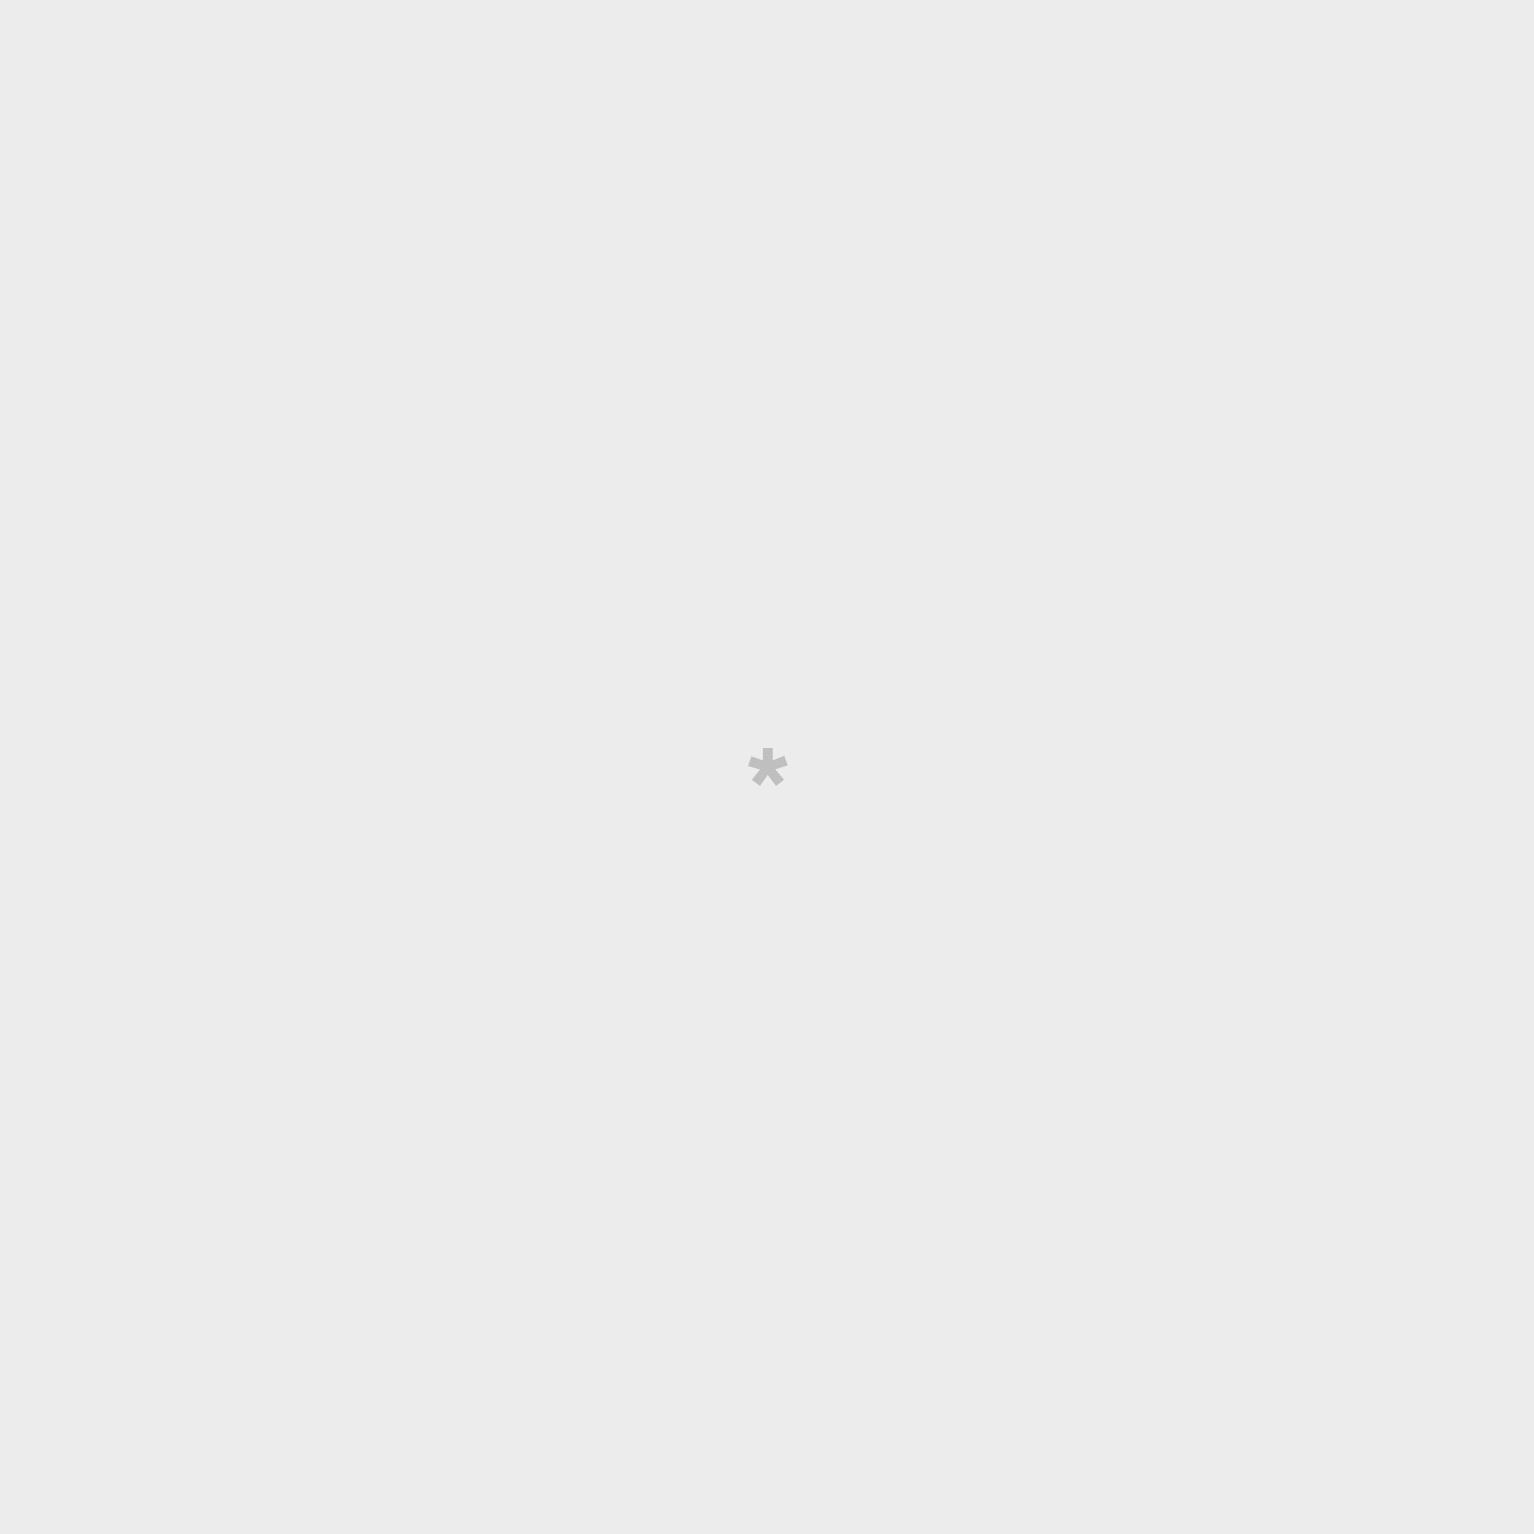 Mug - Special and adored, Dad, you deserve an award